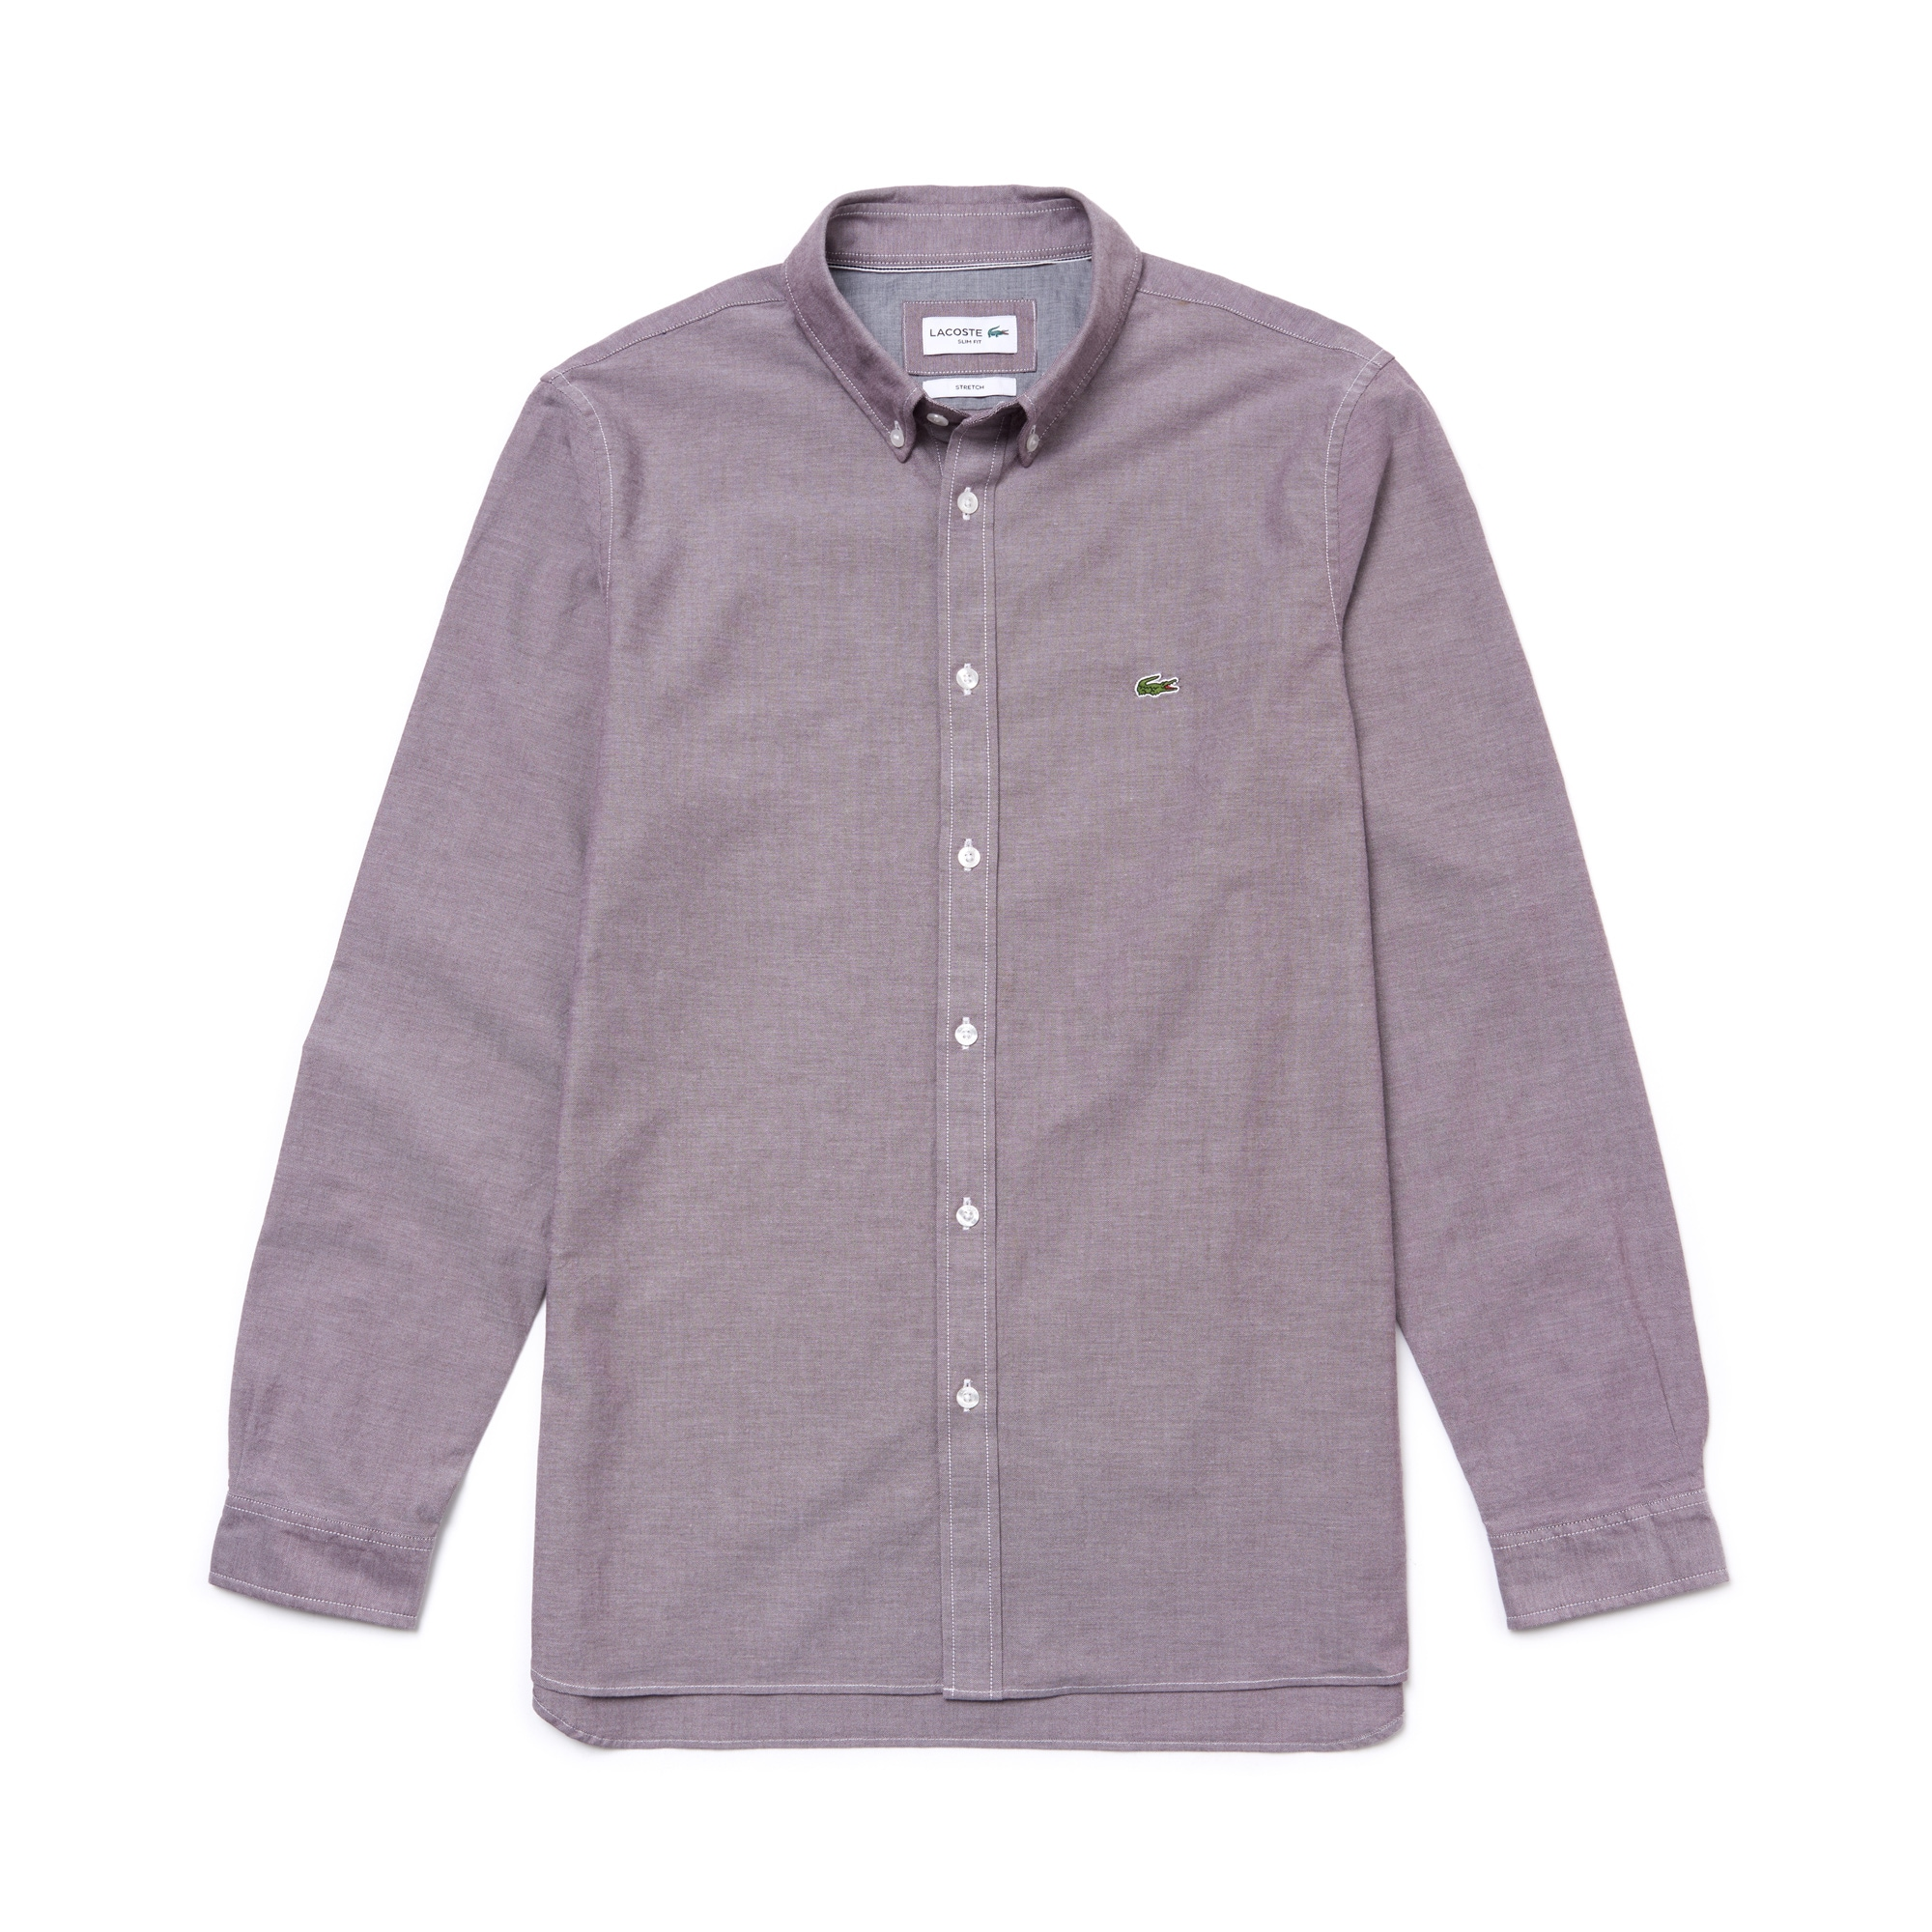 라코스테 Lacoste Mens Slim Fit Stretch Oxford Cotton Shirt,brown